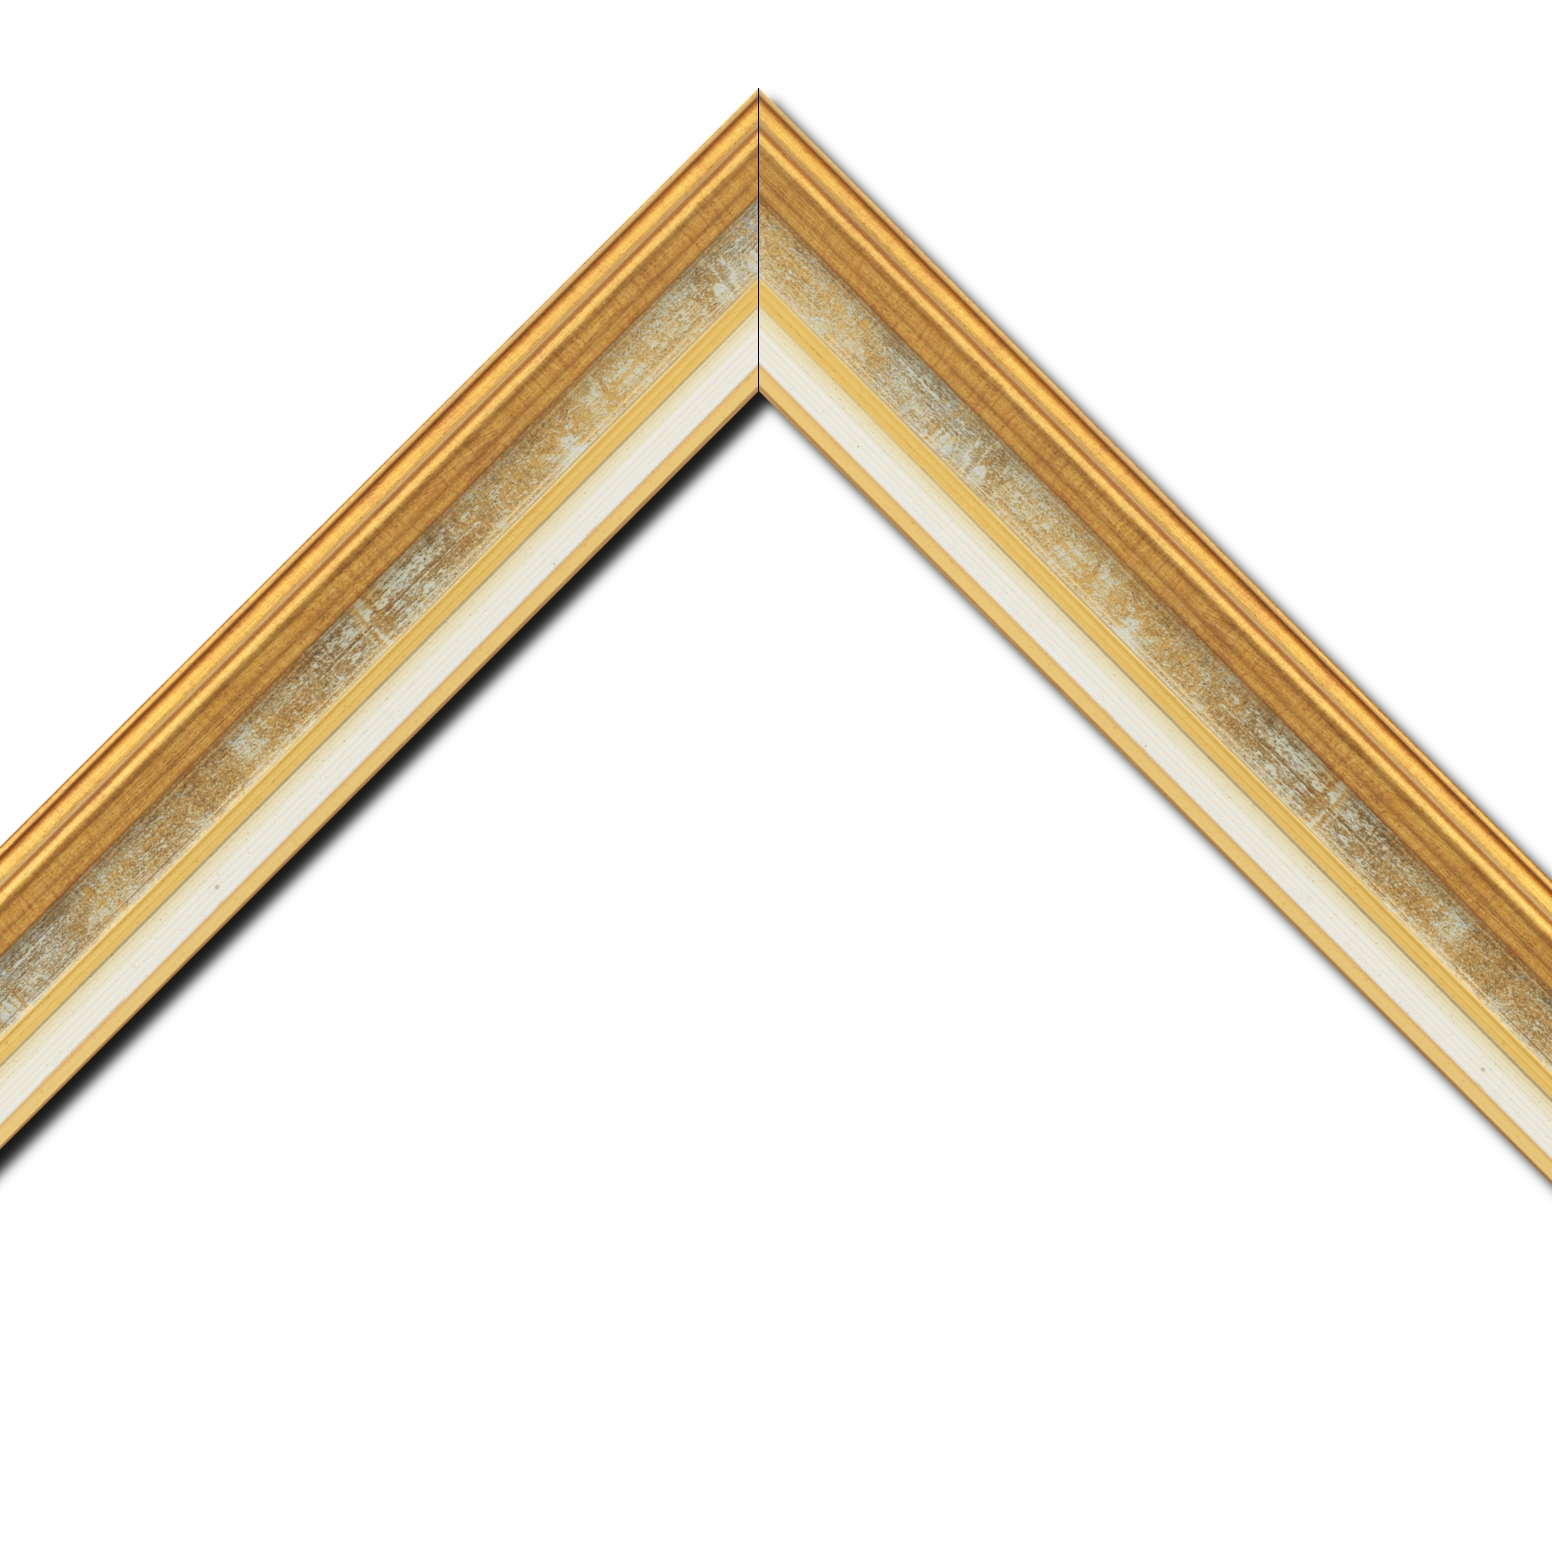 Baguette bois largeur 5.2cm or gorge gris fond or  marie louise crème filet or intégrée